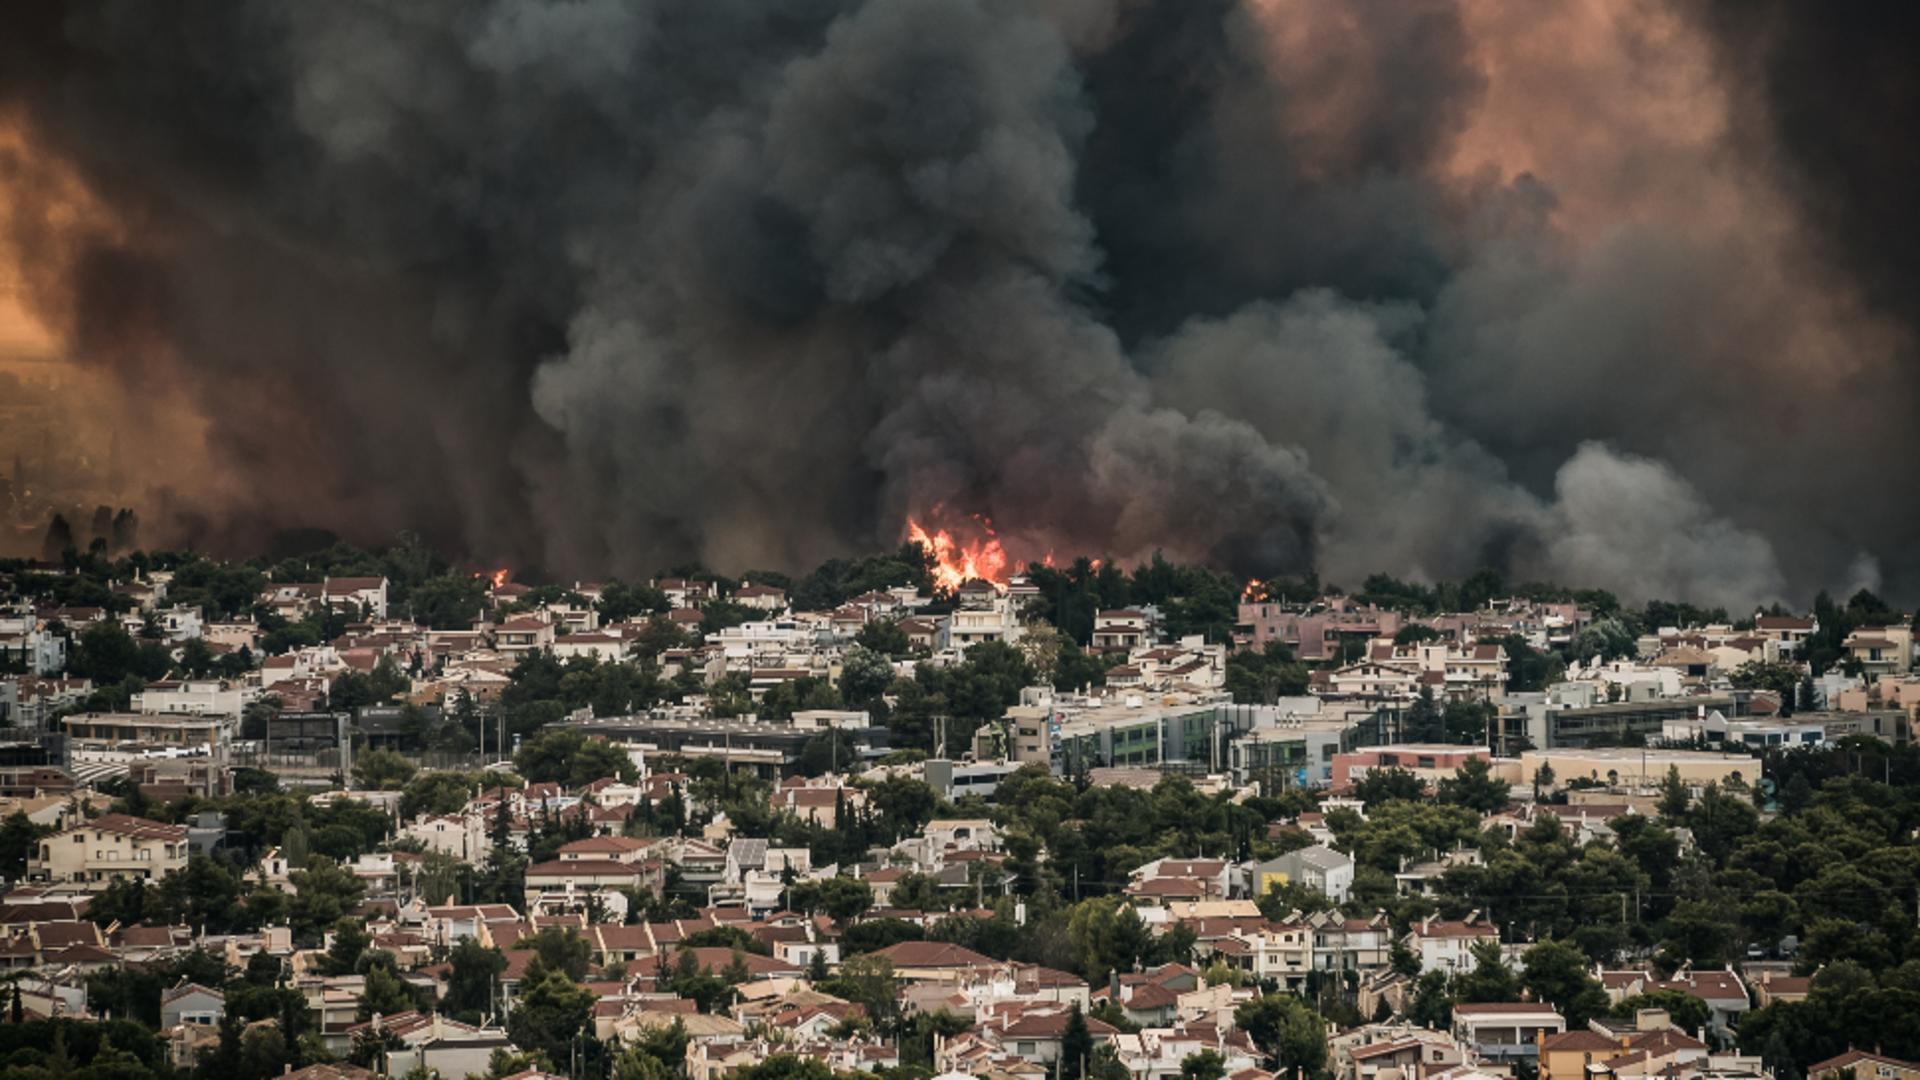 Incendiile devastatoare din Grecia au dus la remanierea guvernului de la Atena. Foto/Profimedia